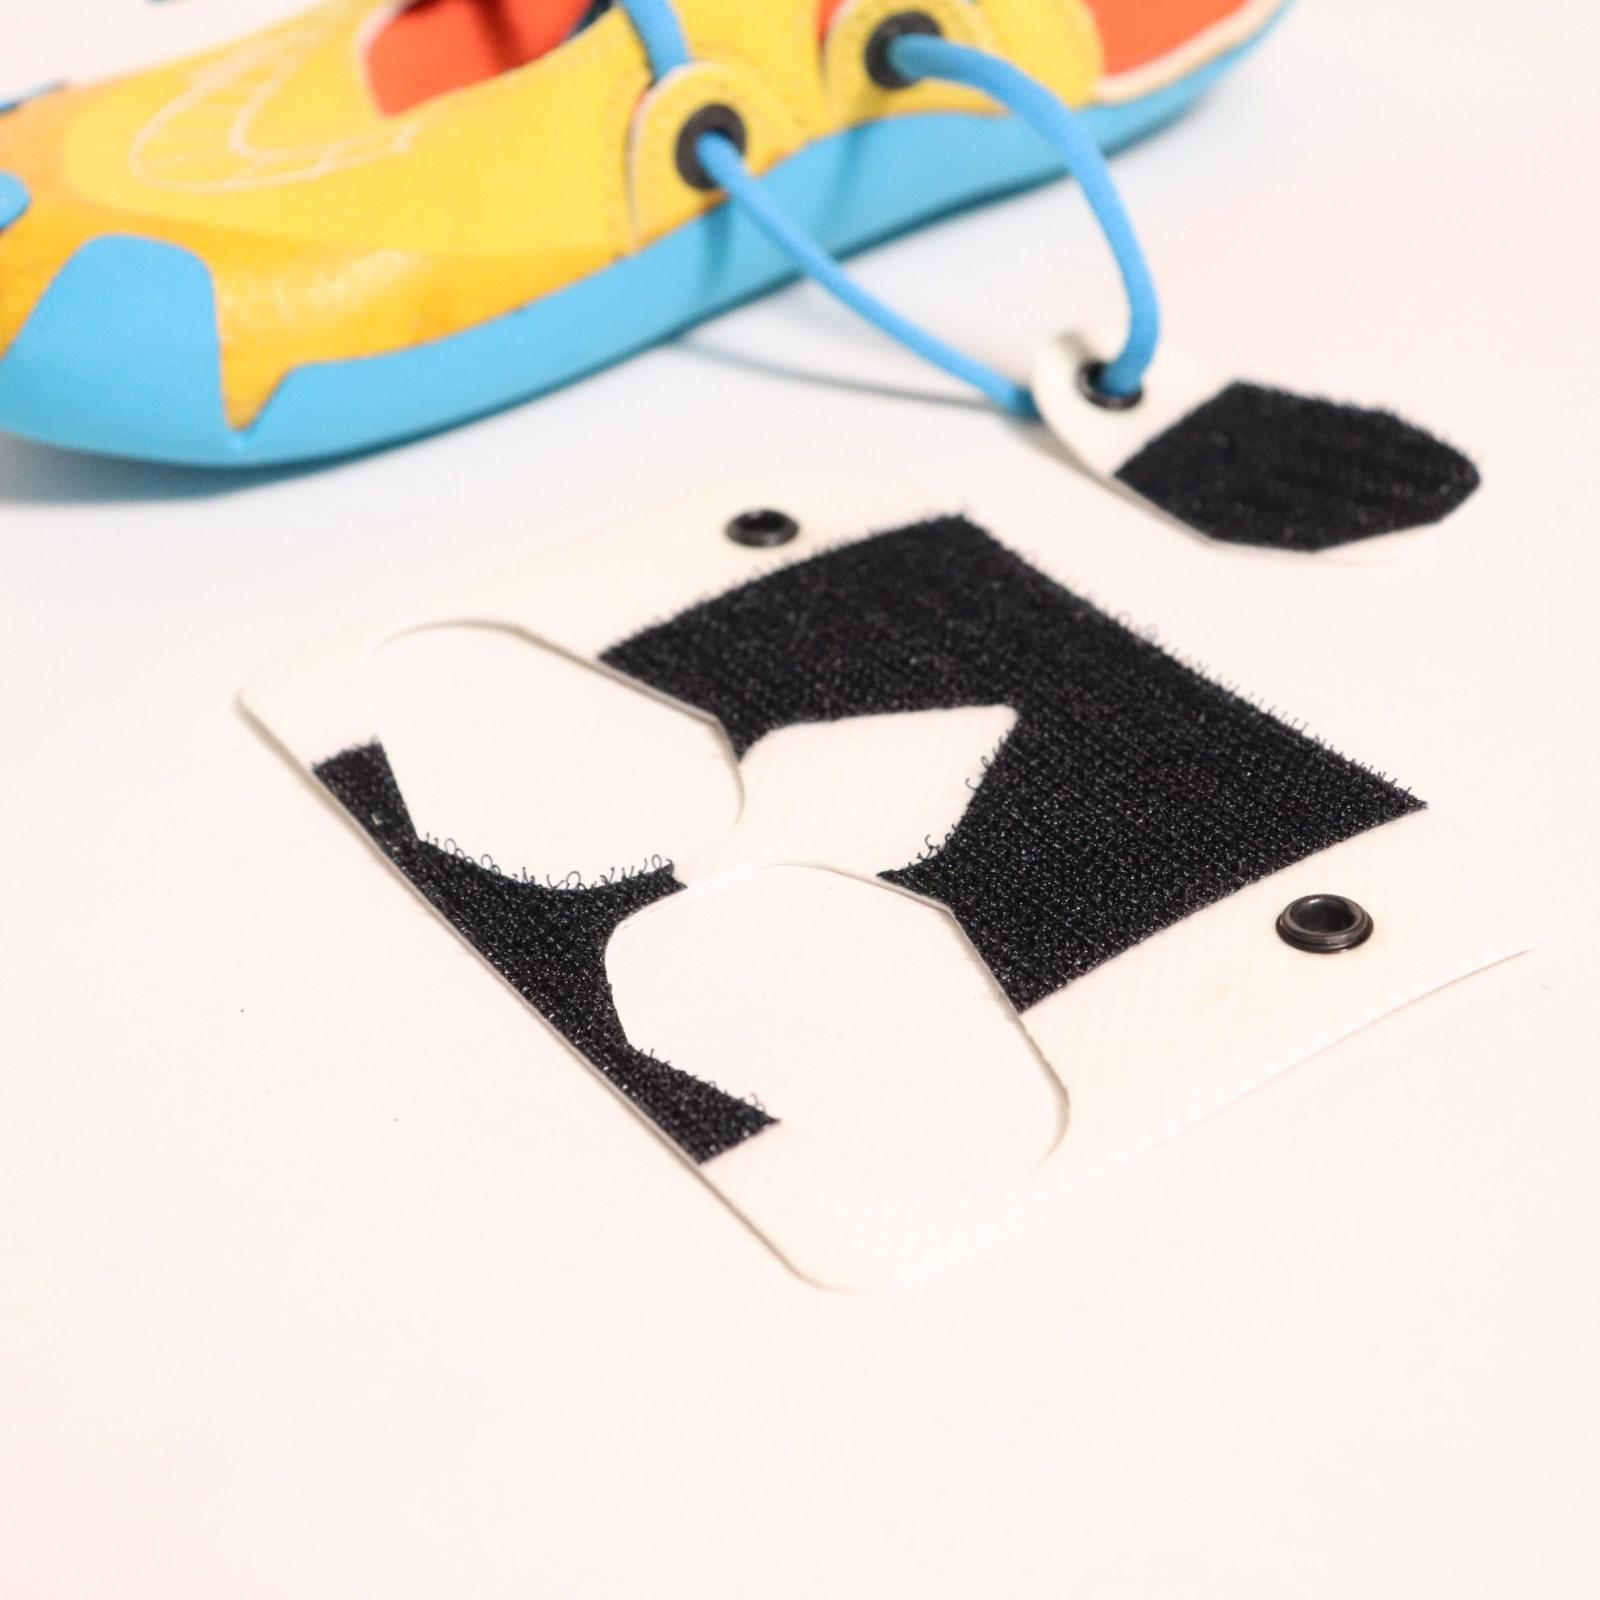 ラ・スポルティバ GRIPIT グリピット イエロー/フレイム 【店頭受取ポイントUP商品】ポイント500Pプレゼント